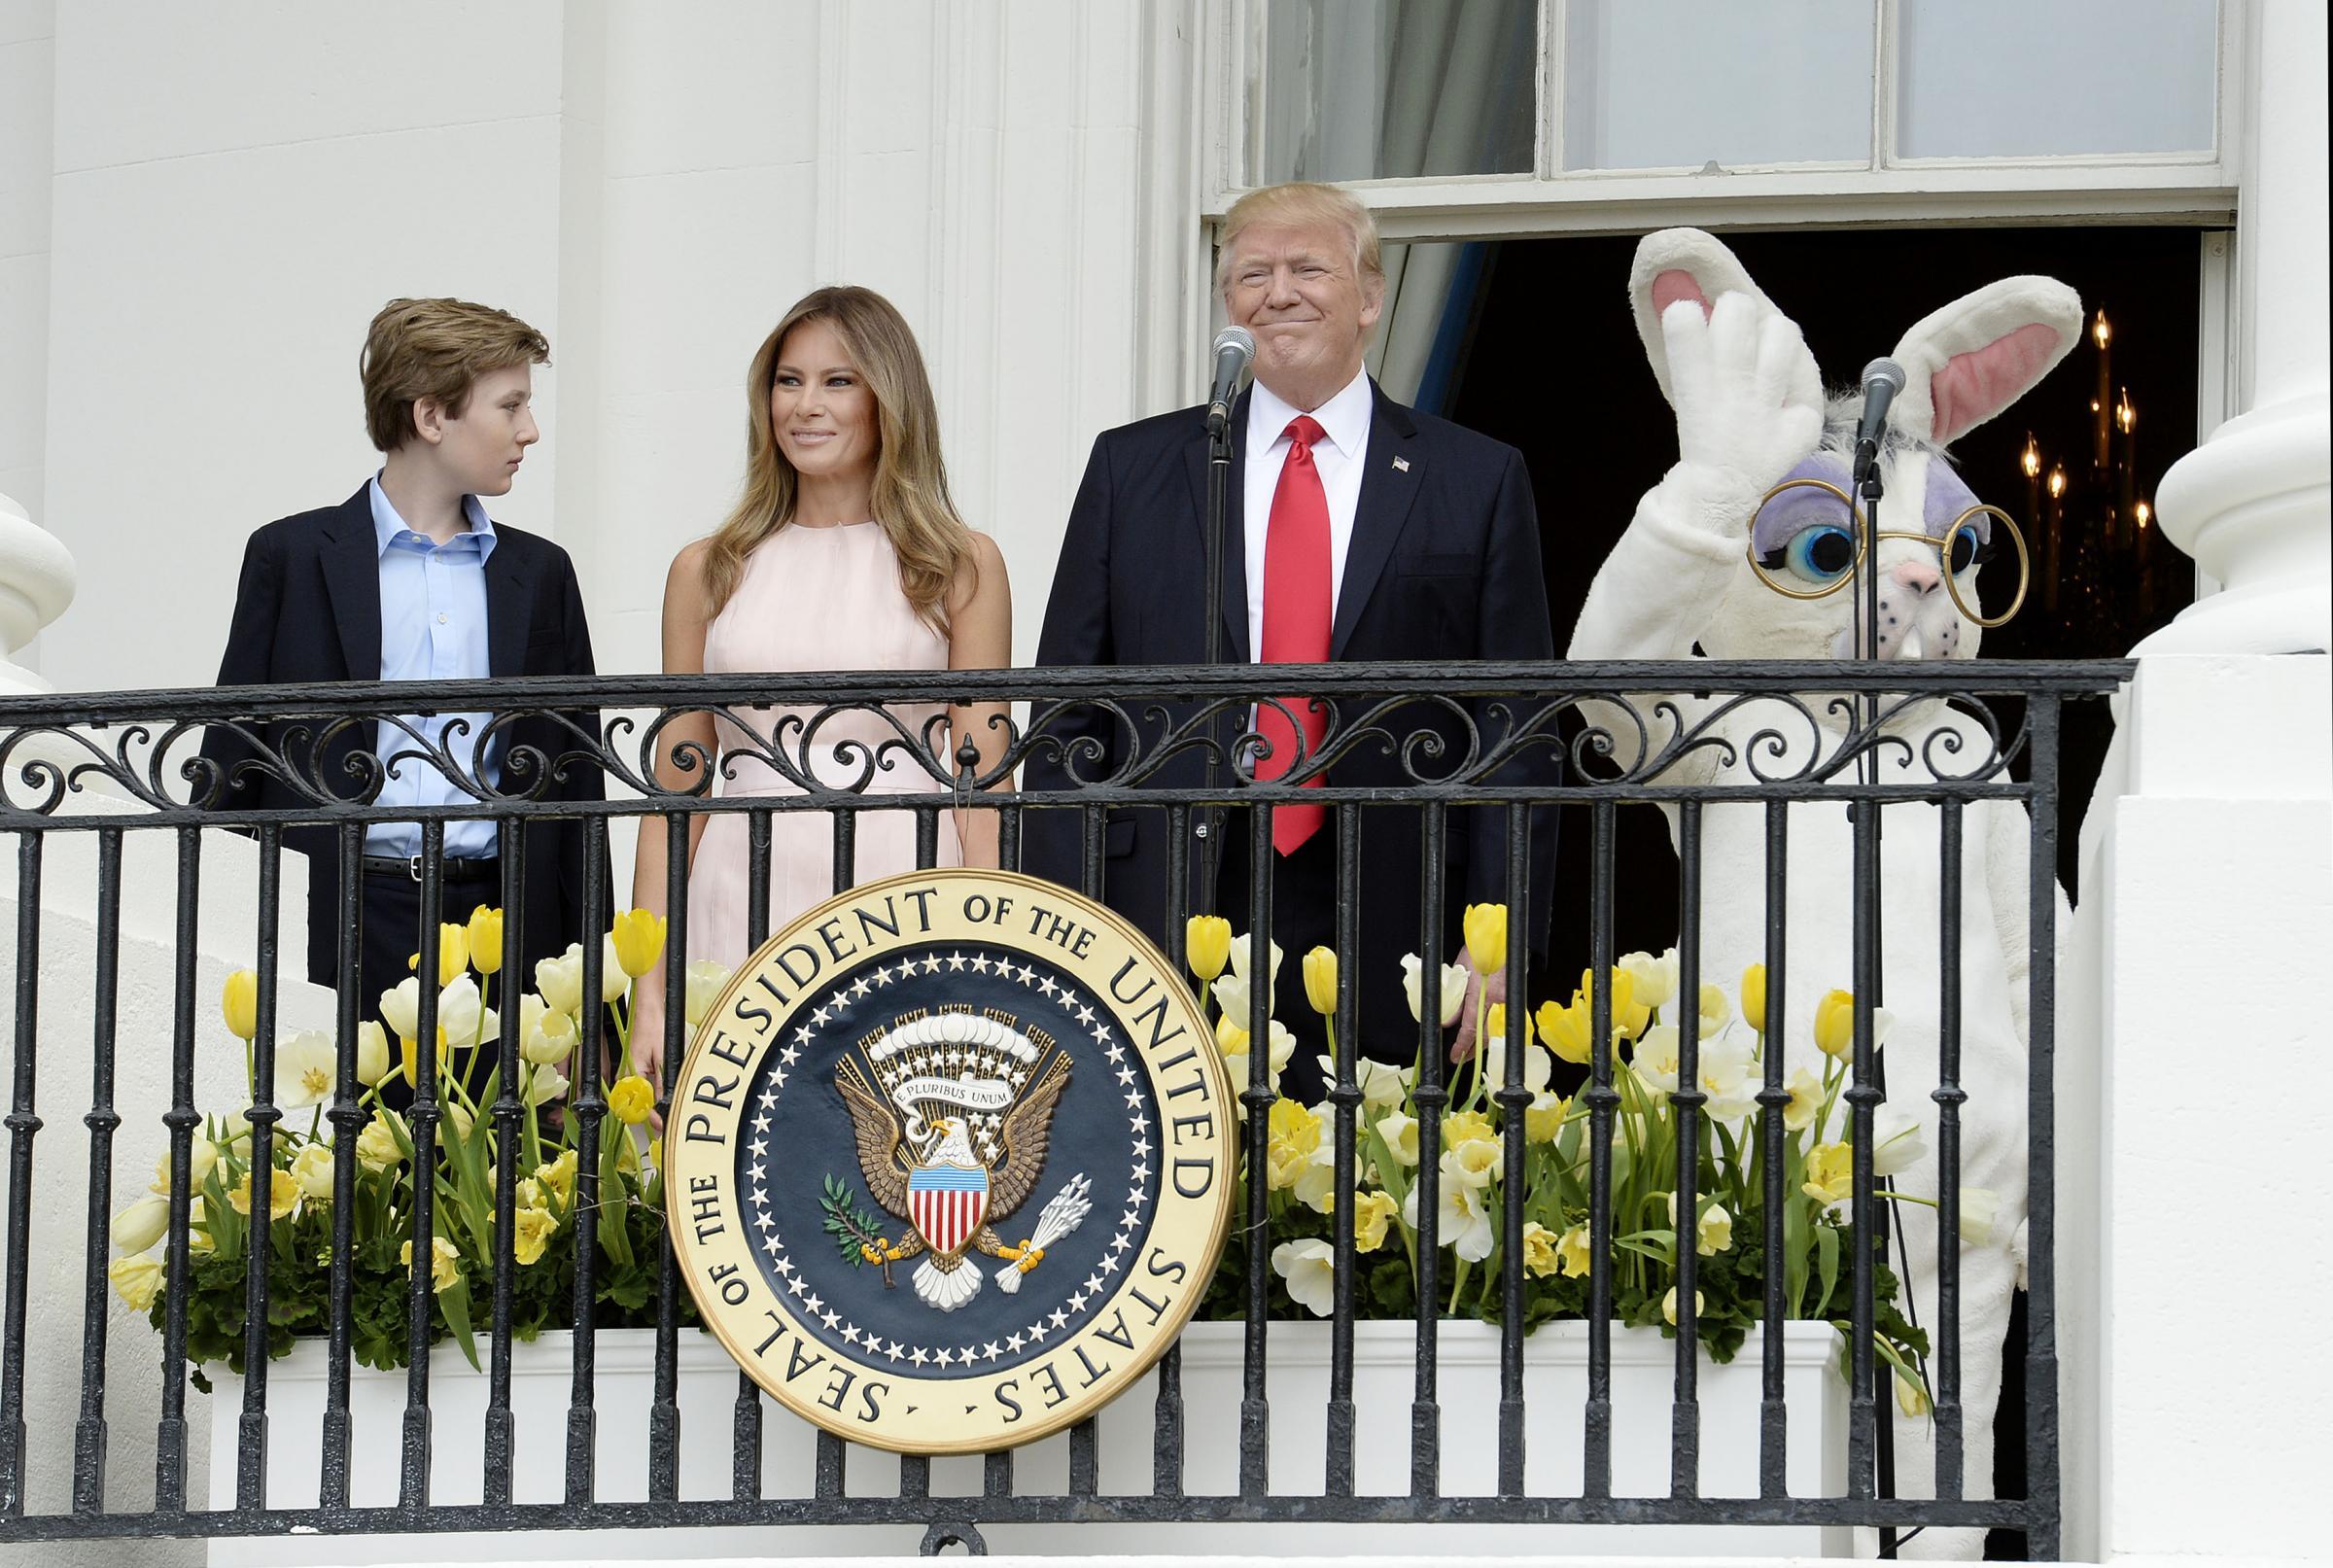 Donald Trump e la gaffe alla cerimonia di Pasqua: Melania lo corregge e diventa virale